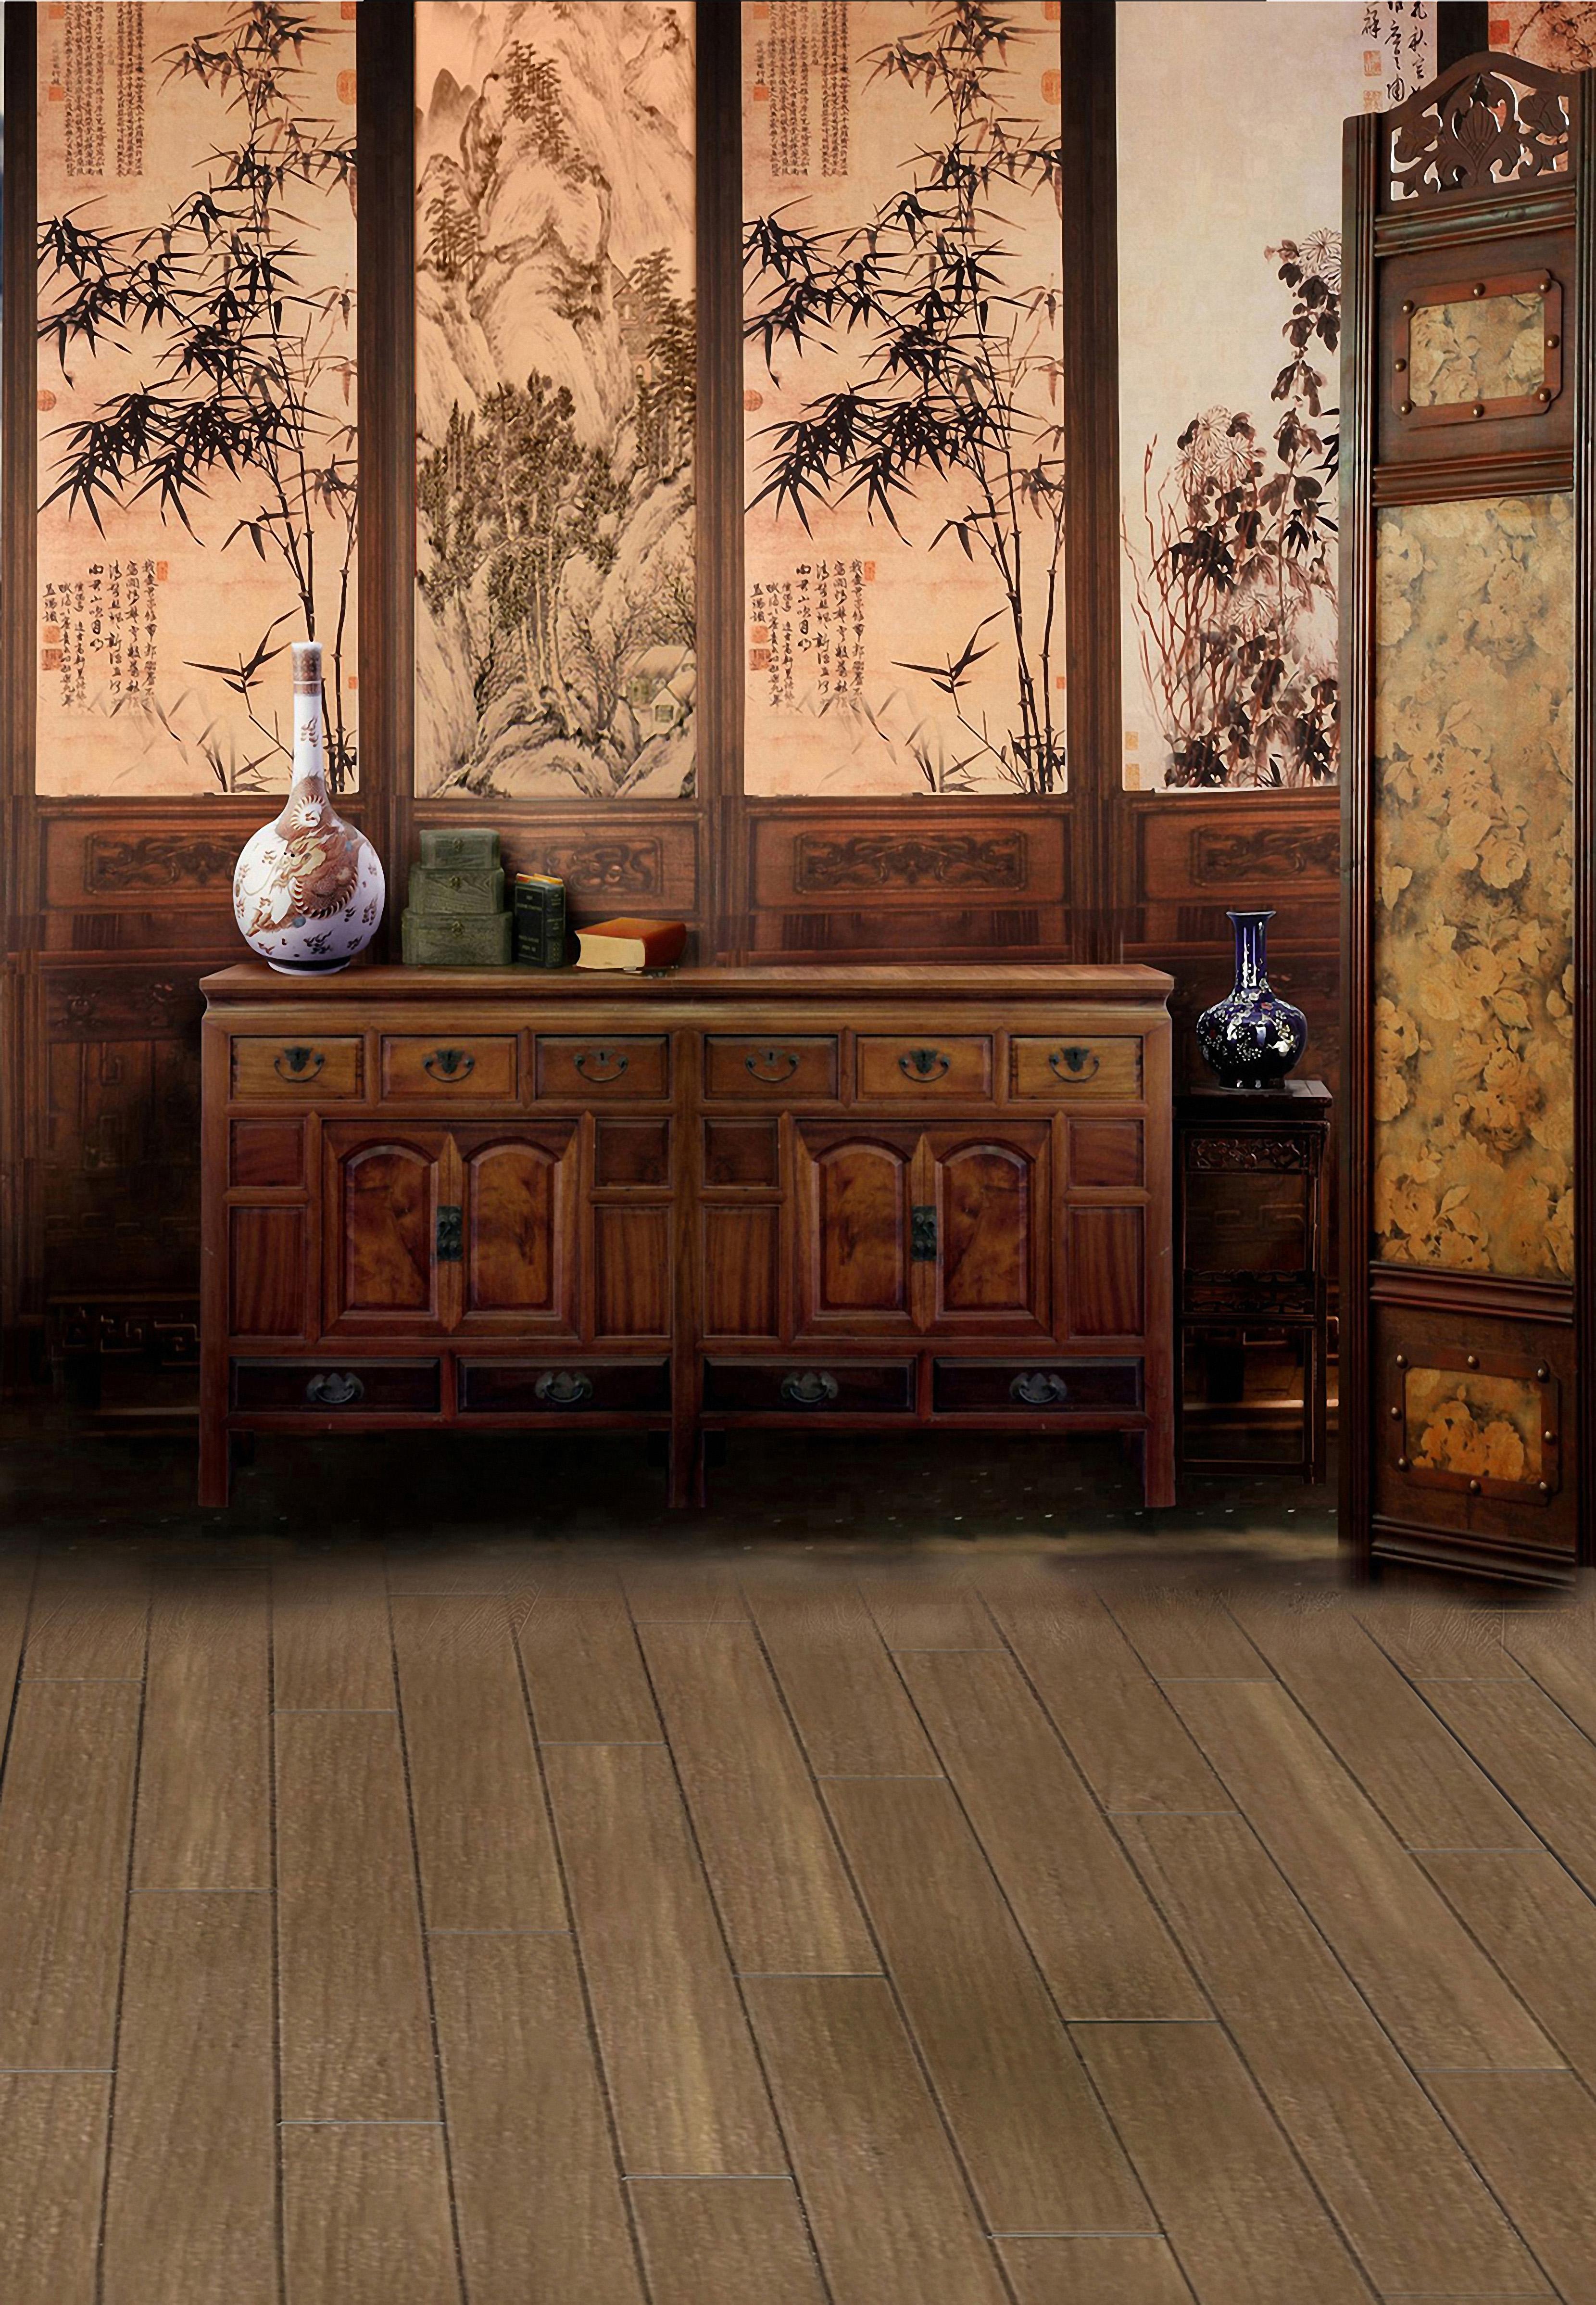 무료 이미지 중국말 가구 나무 바닥 견목 벽 라미네이트 바닥재 목재 얼룩 인테리어 디자인